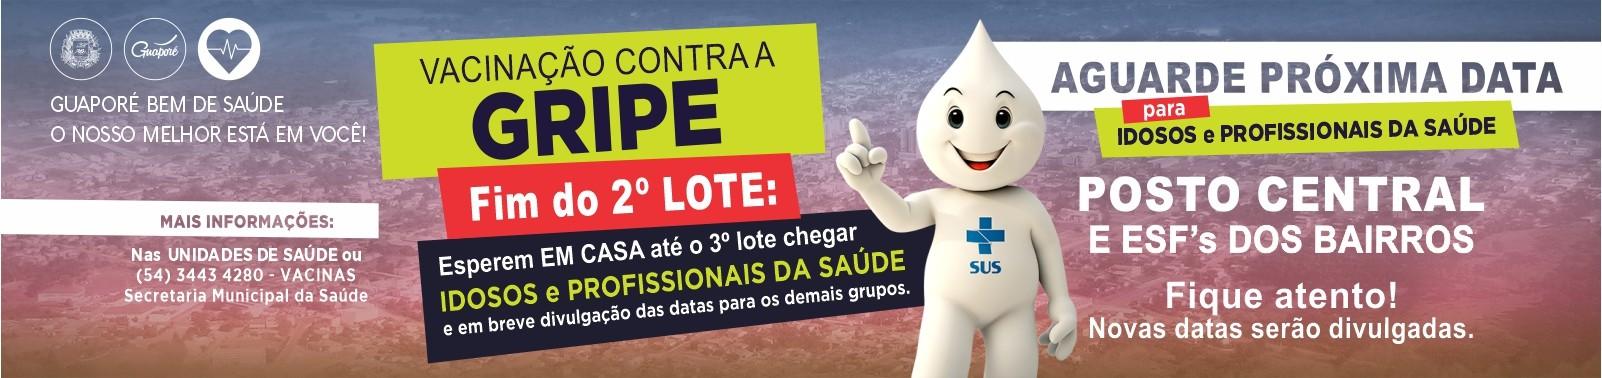 Banner 5 - Vacinas Gripe - Cidade Fim 2º Lote